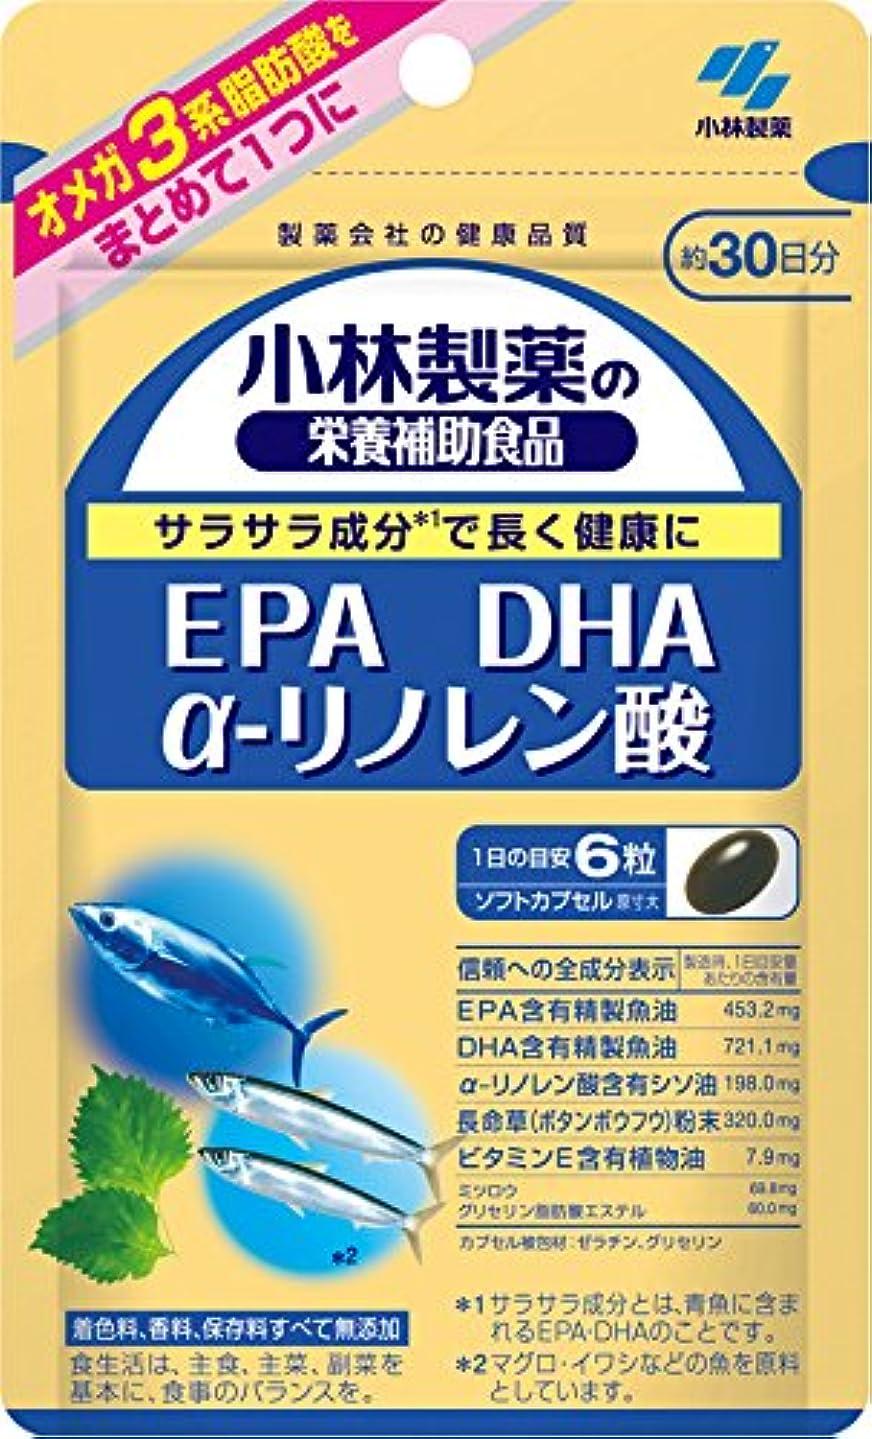 推進改善ファイター小林製薬の栄養補助食品 EPA DHA α-リノレン酸 約30日分 180粒